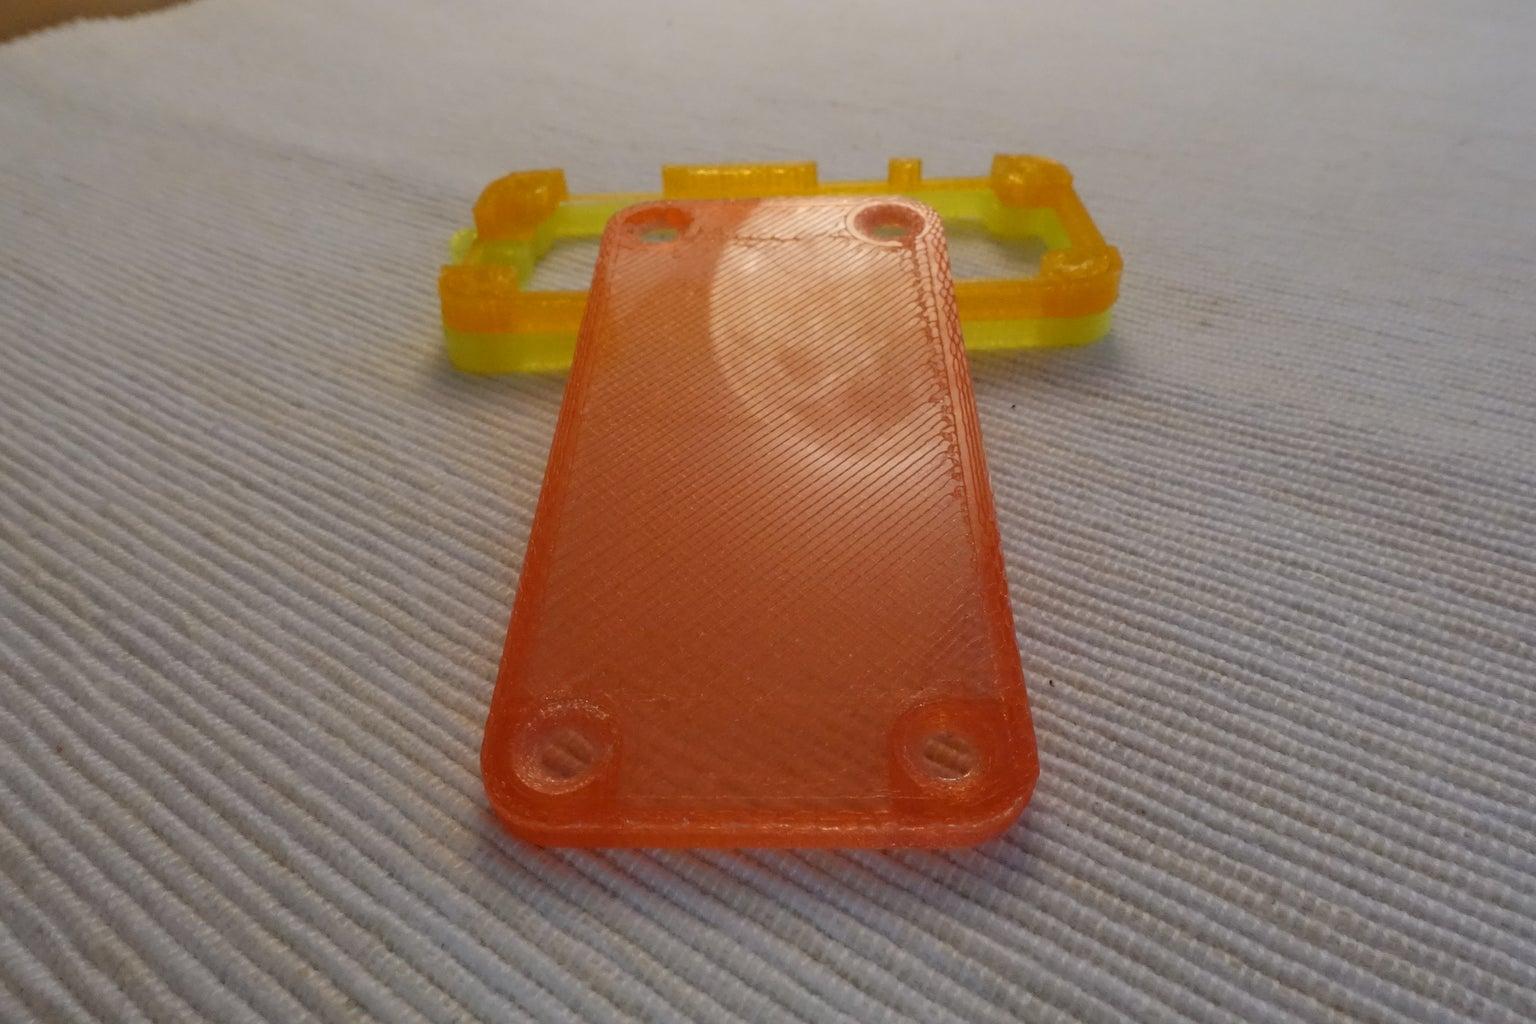 3D Print Case